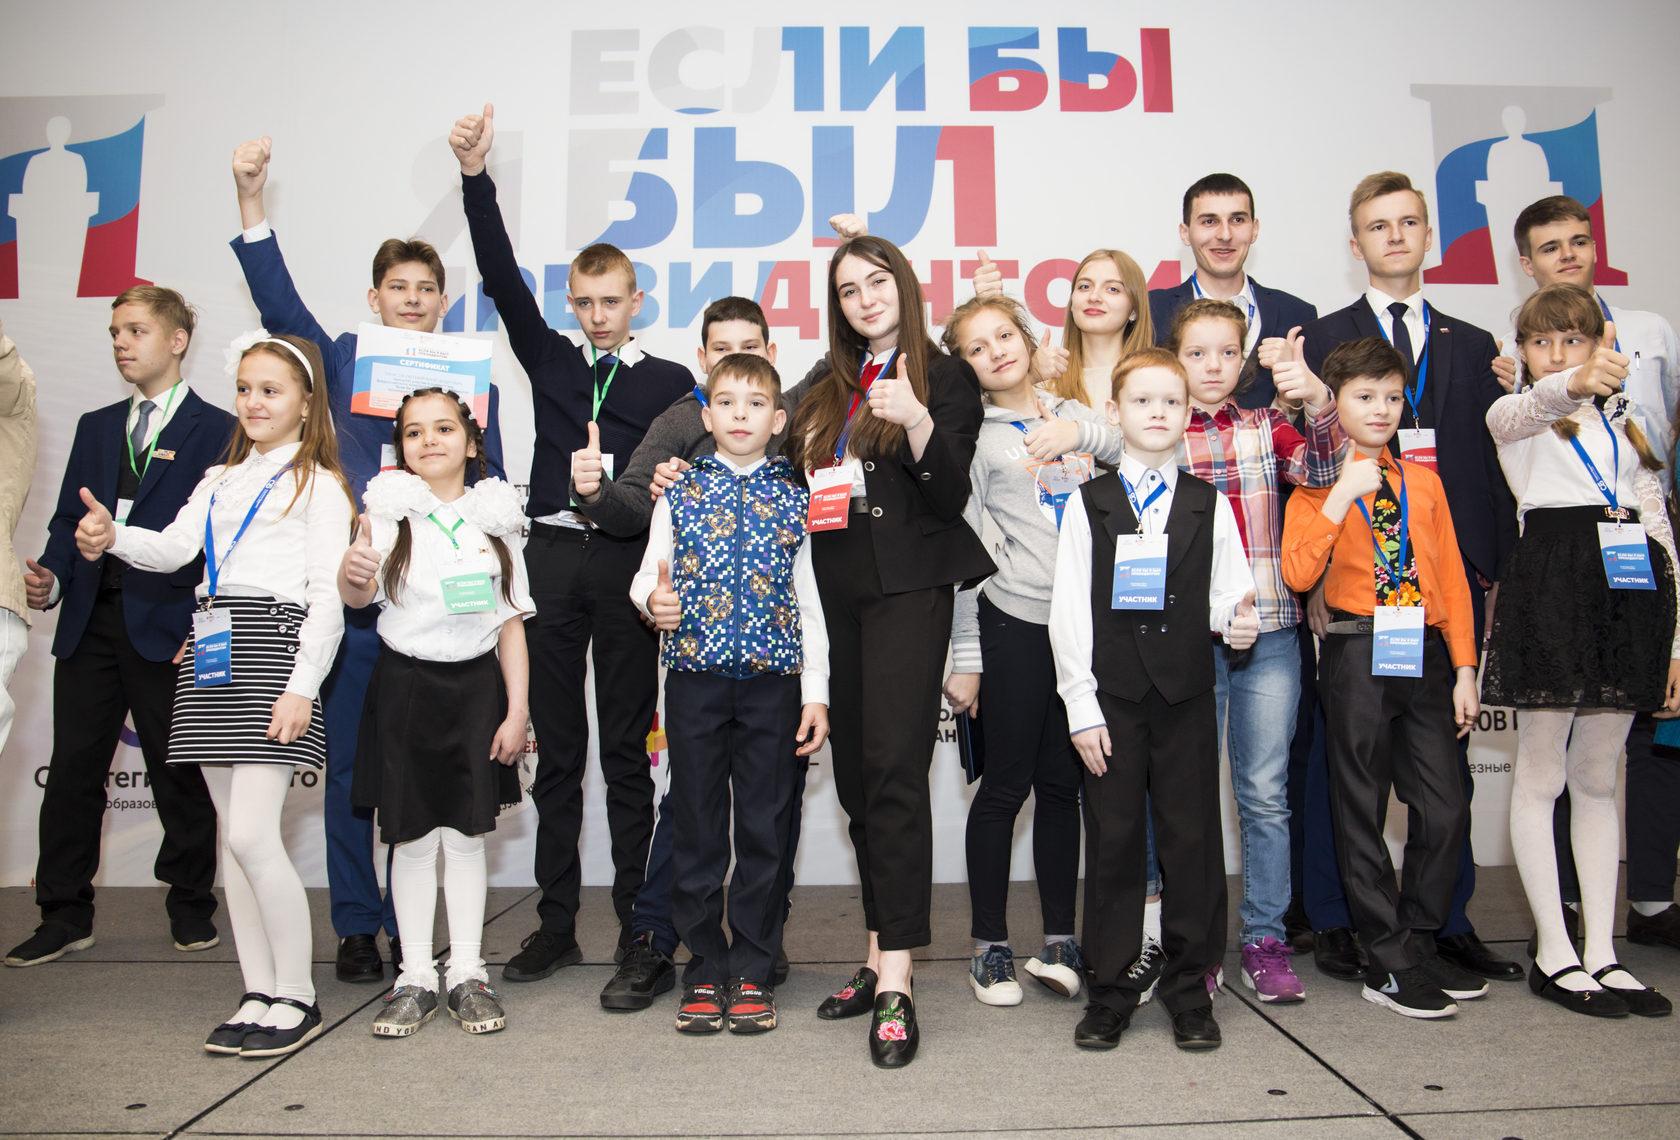 Опубликованы списки участников, прошедших в очный этап Всероссийского конкурса молодежных проектов «Если бы я был Президентом»